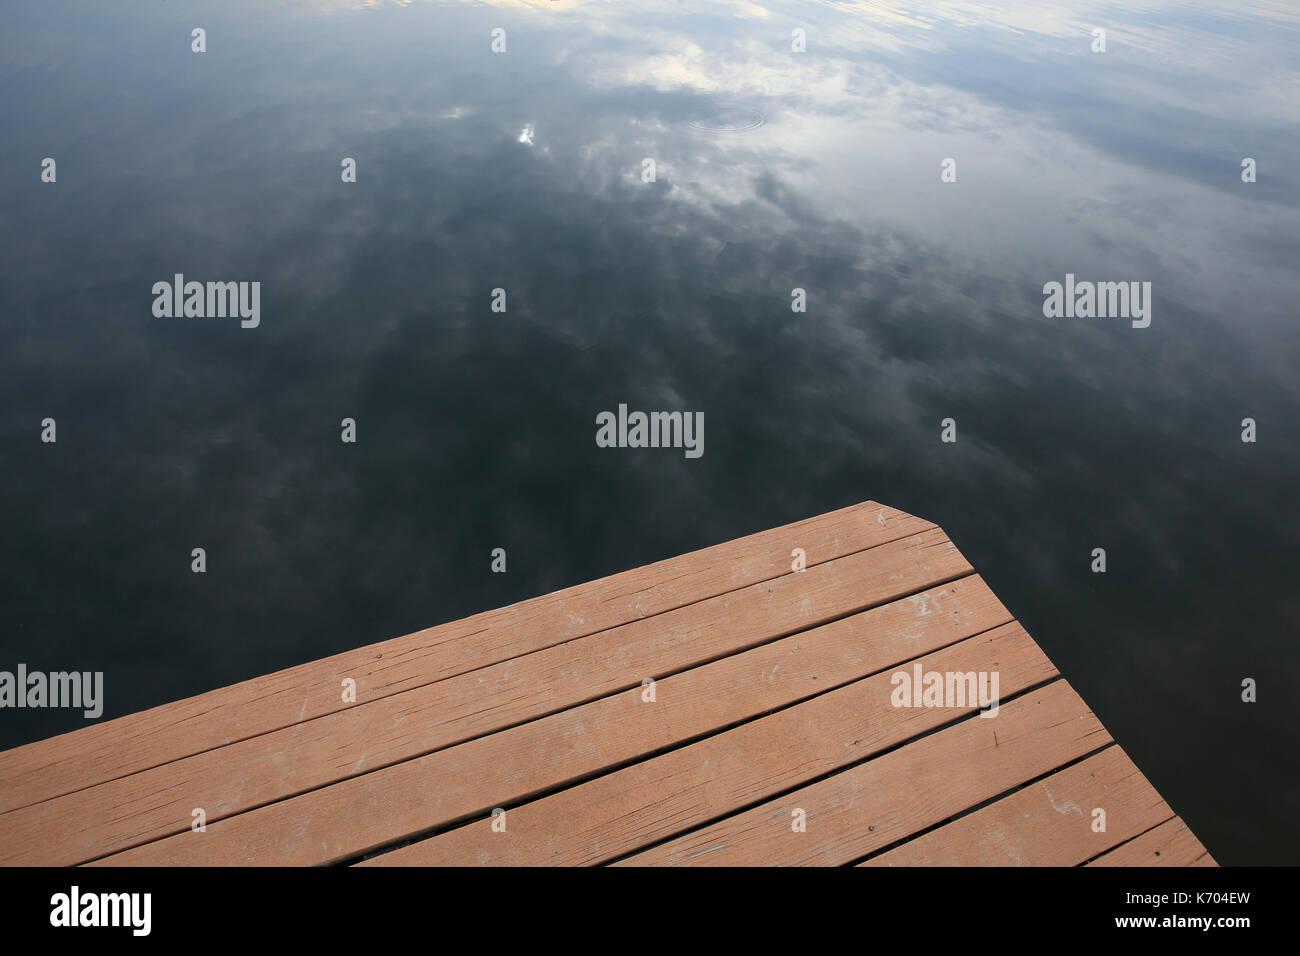 Lago dock con sky reflejando en el agua Imagen De Stock